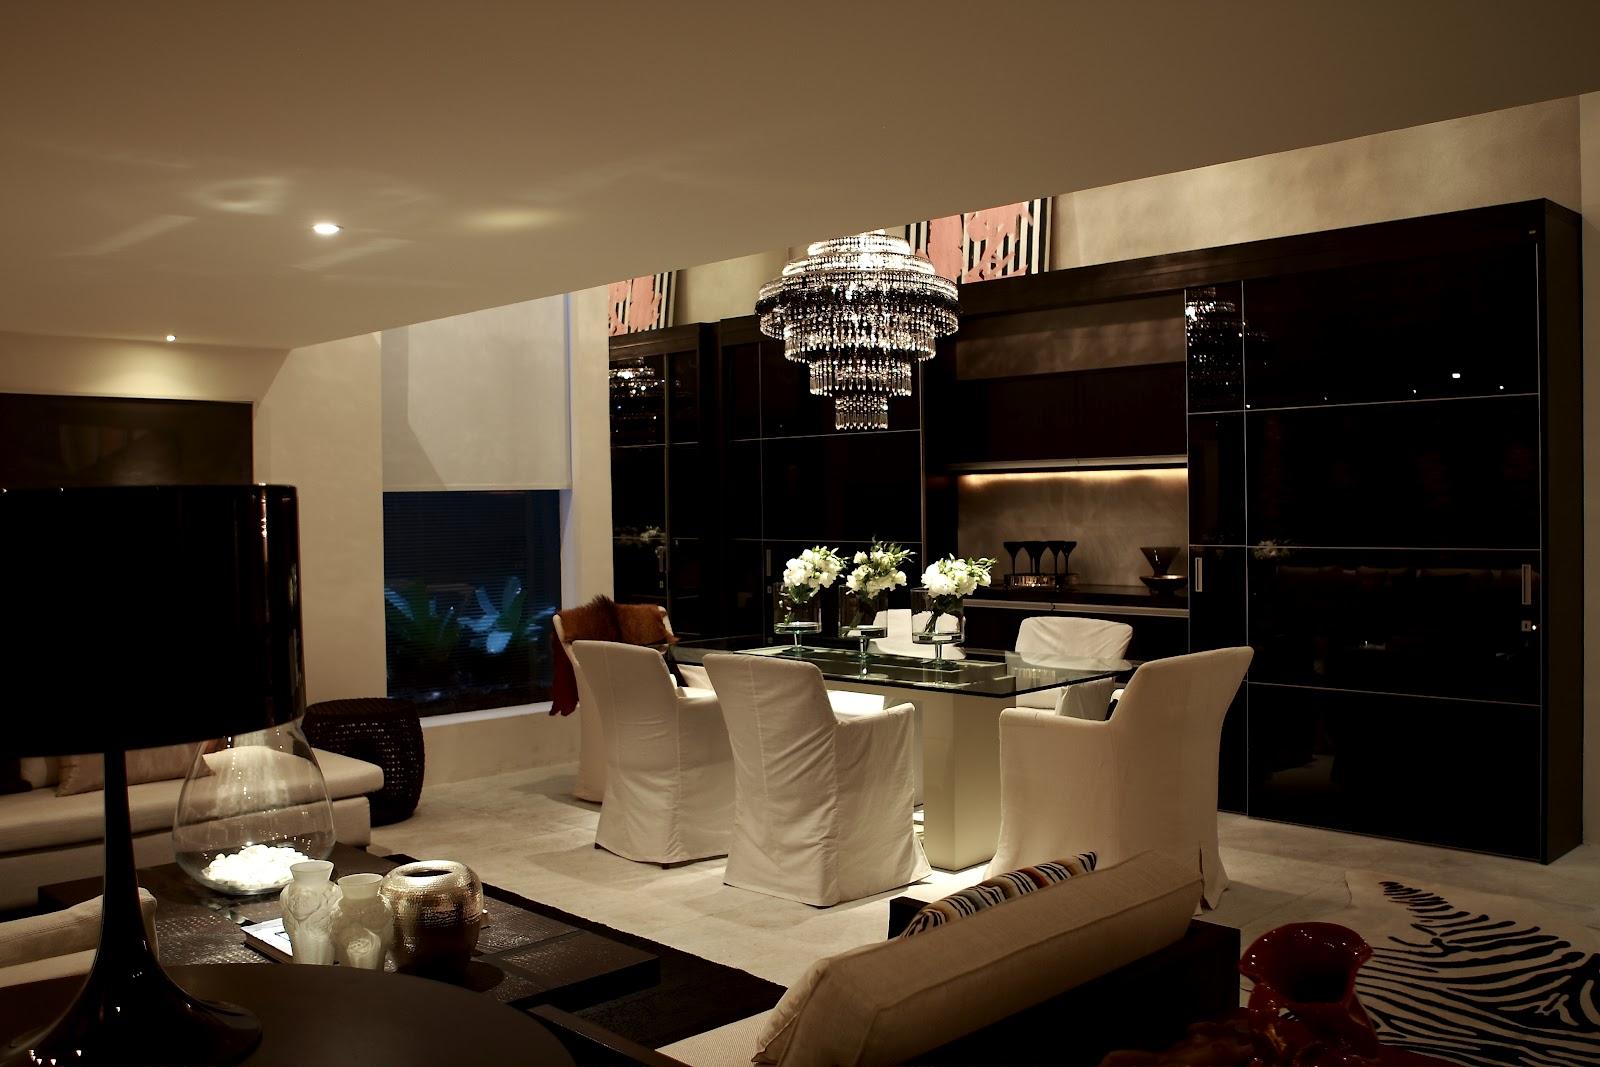 Cozinha sofisticada integrada à sala de jantar / SCA #234564 1600 1067